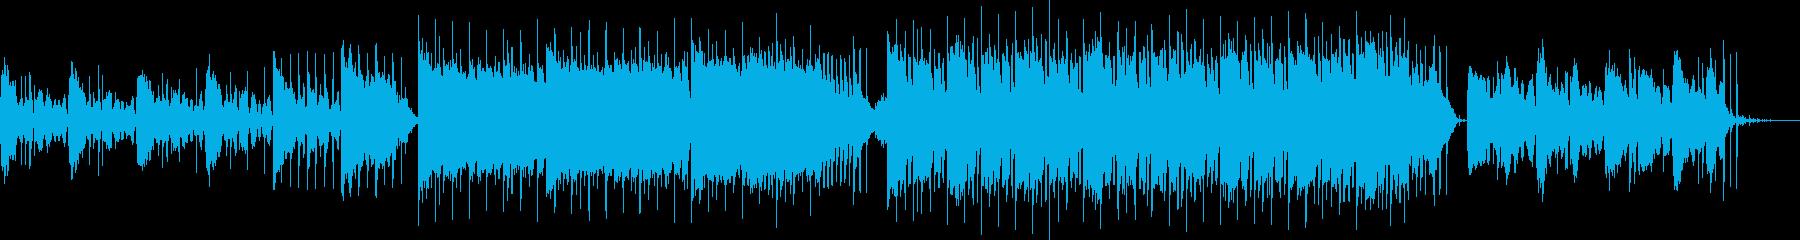 真夏の夜・幻想的なトロピカルハウスBGMの再生済みの波形